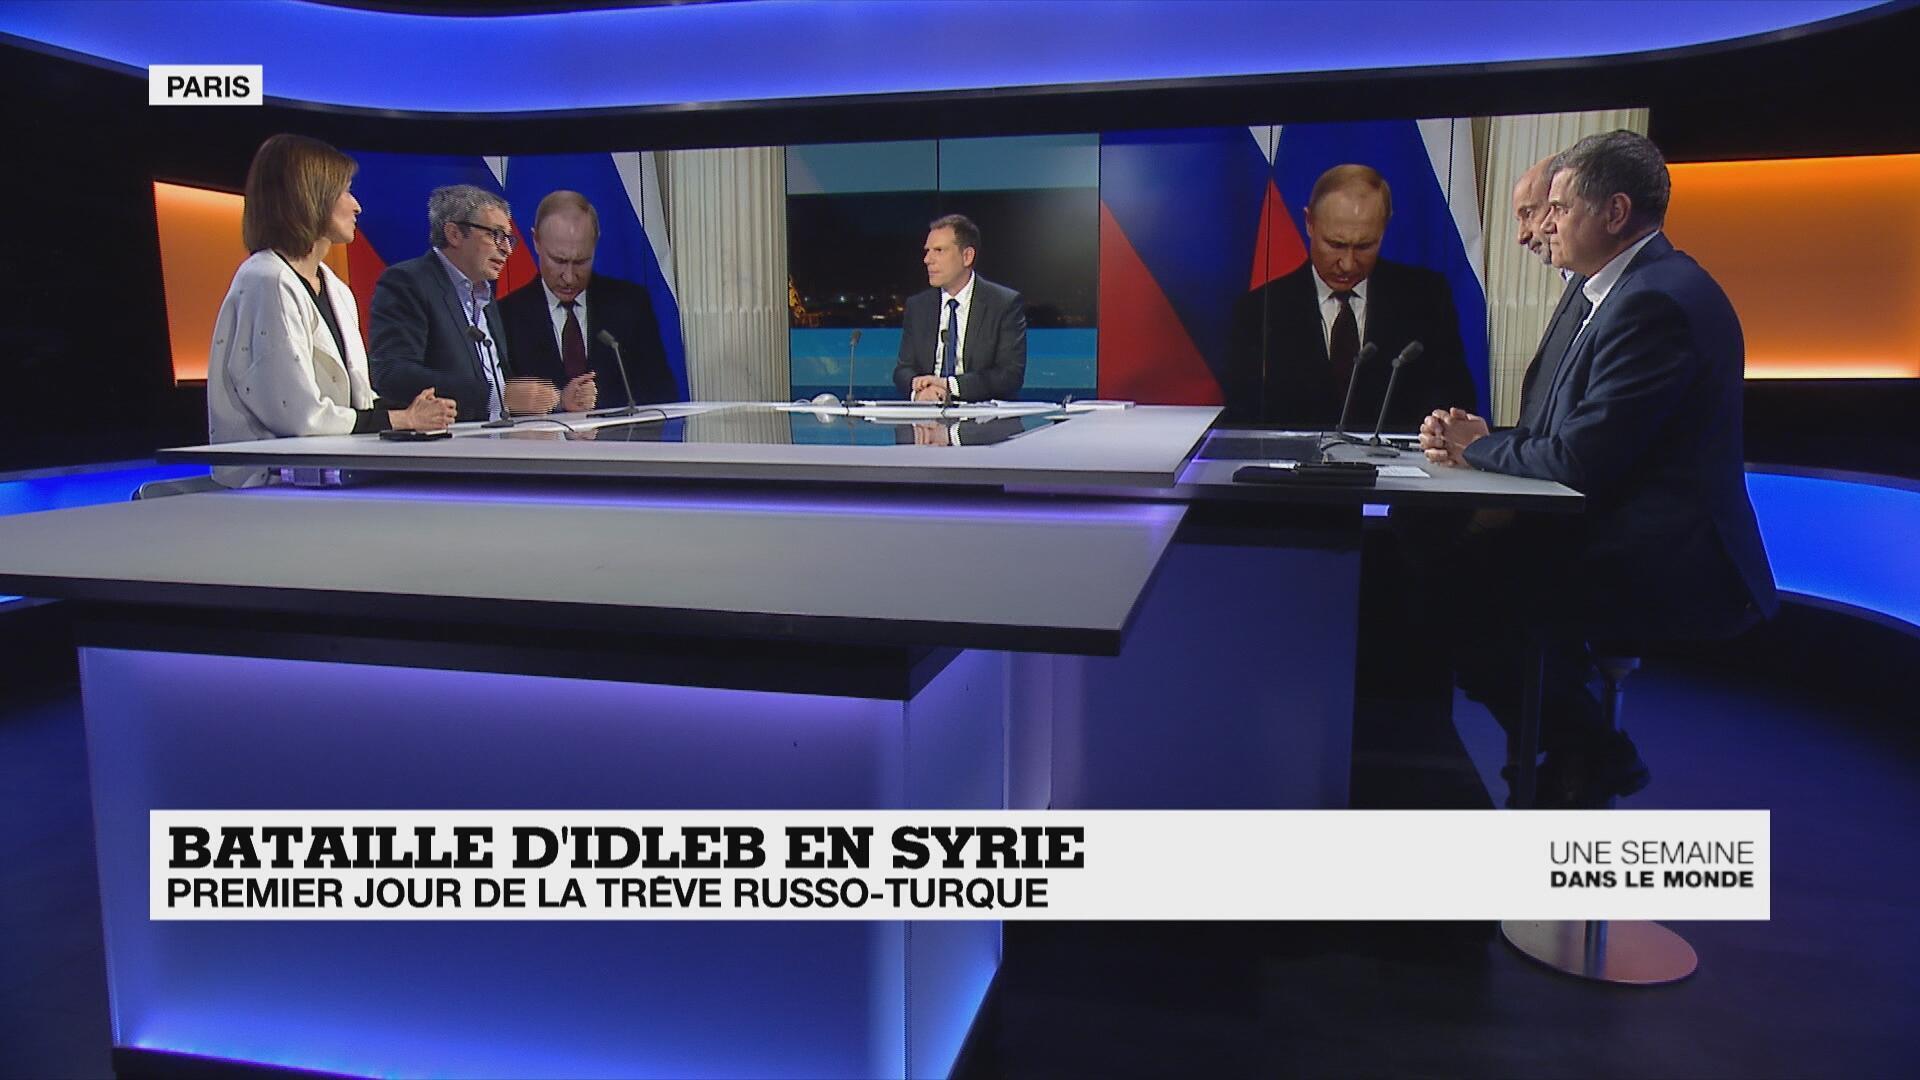 debat fr v2 0603